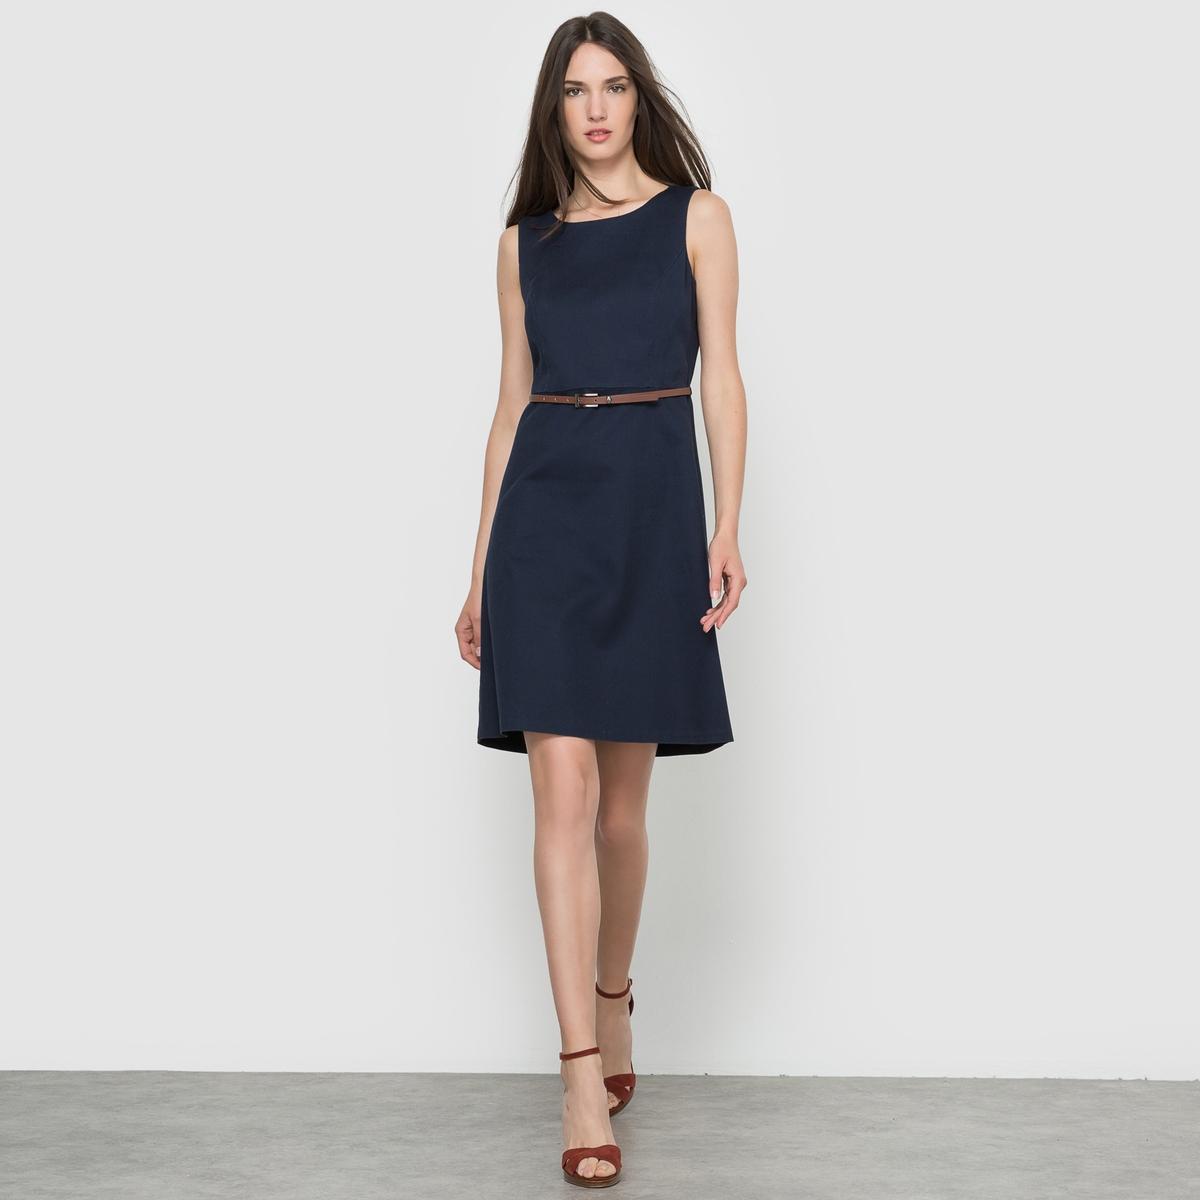 ПлатьеПлатье 3 отверстия TOM TAILOR. Гофрированный материал . Приталенное платье. Застежка на молнию сзади. С ремешком .Состав и описание     Материал   98% хлопка, 2% эластана     Марка   TOM TAILOR<br><br>Цвет: синий морской